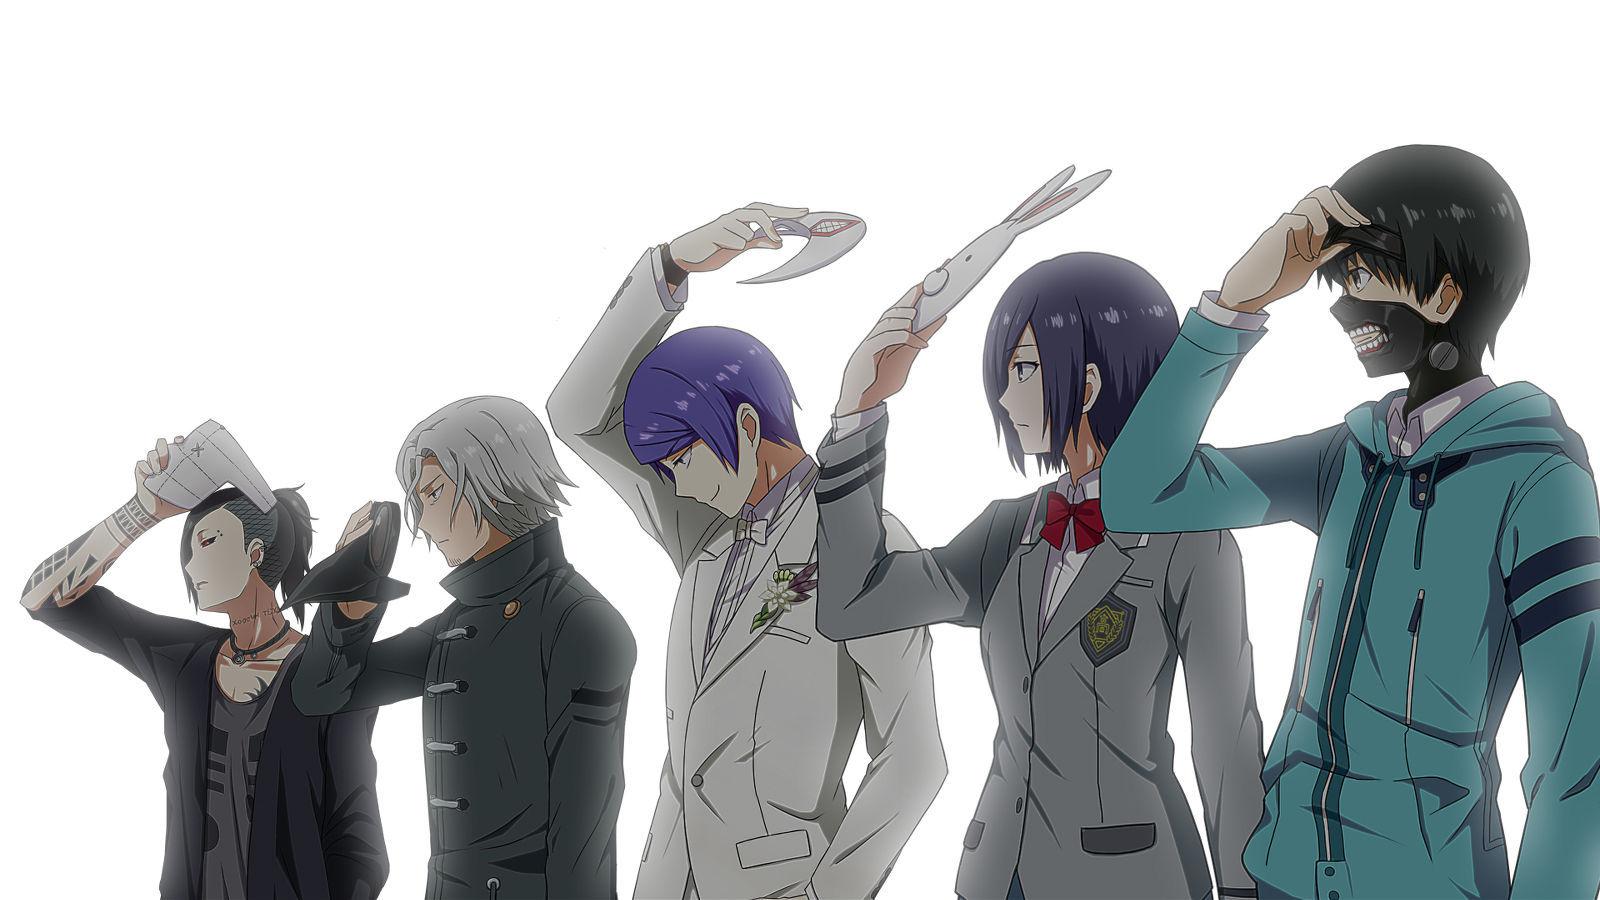 5675 - ¿Puedes reconocer estos personajes de Tokyo Ghoul?